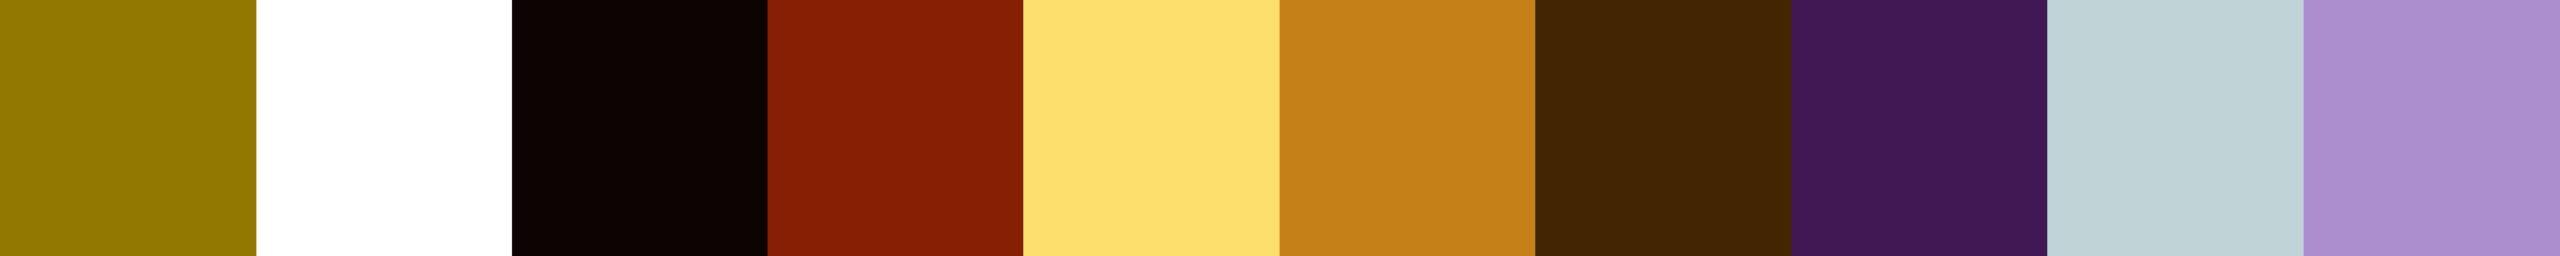 413 Prala Color Palette